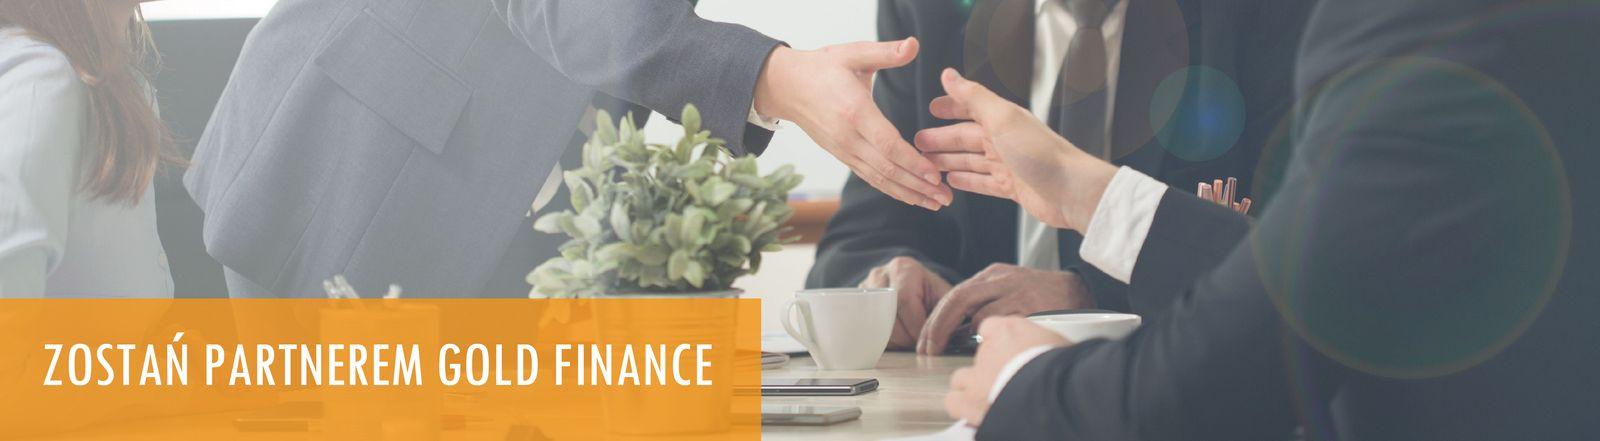 Zostań partnerem Gold Finance